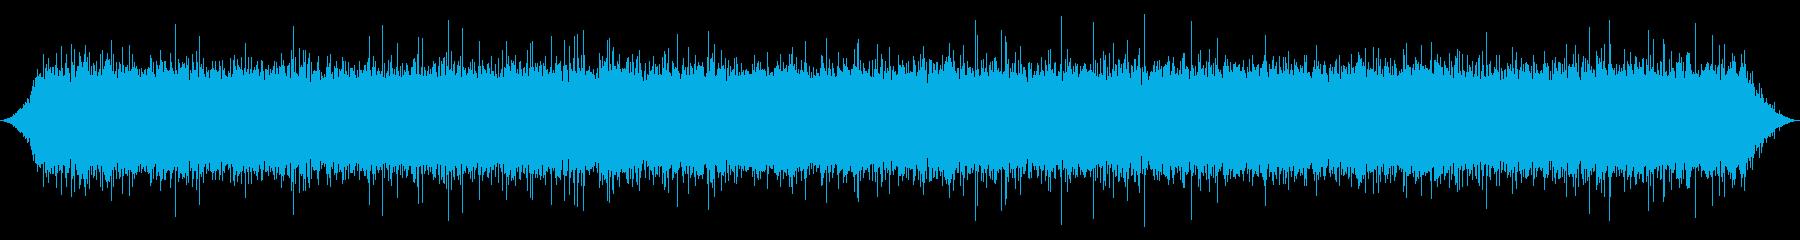 ストリーム:中パチパチとバブリングフローの再生済みの波形